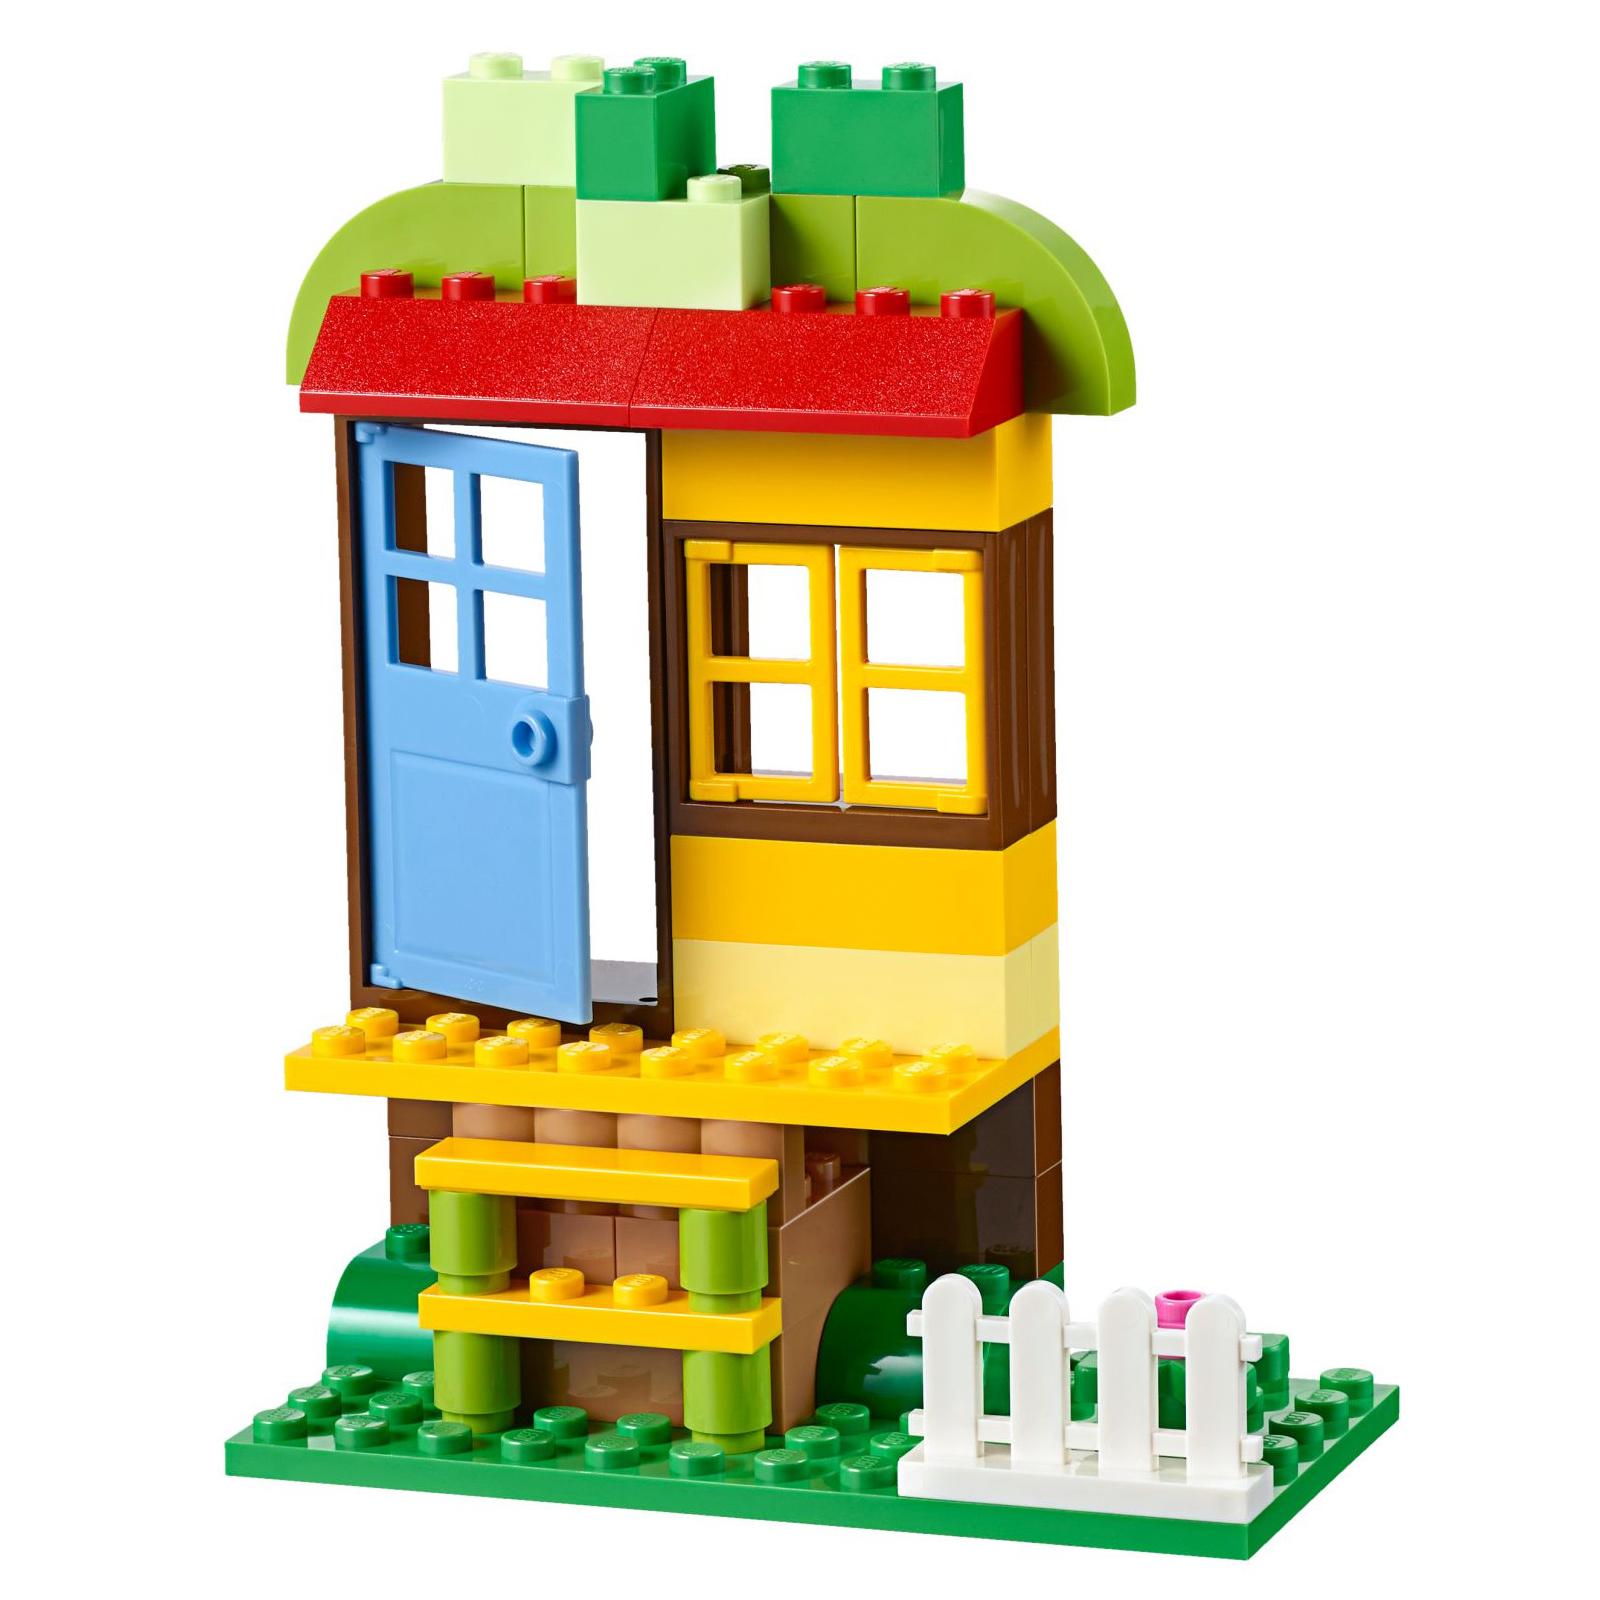 Конструктор LEGO Classic Набор кубиков для свободного конструирования (10702) изображение 9